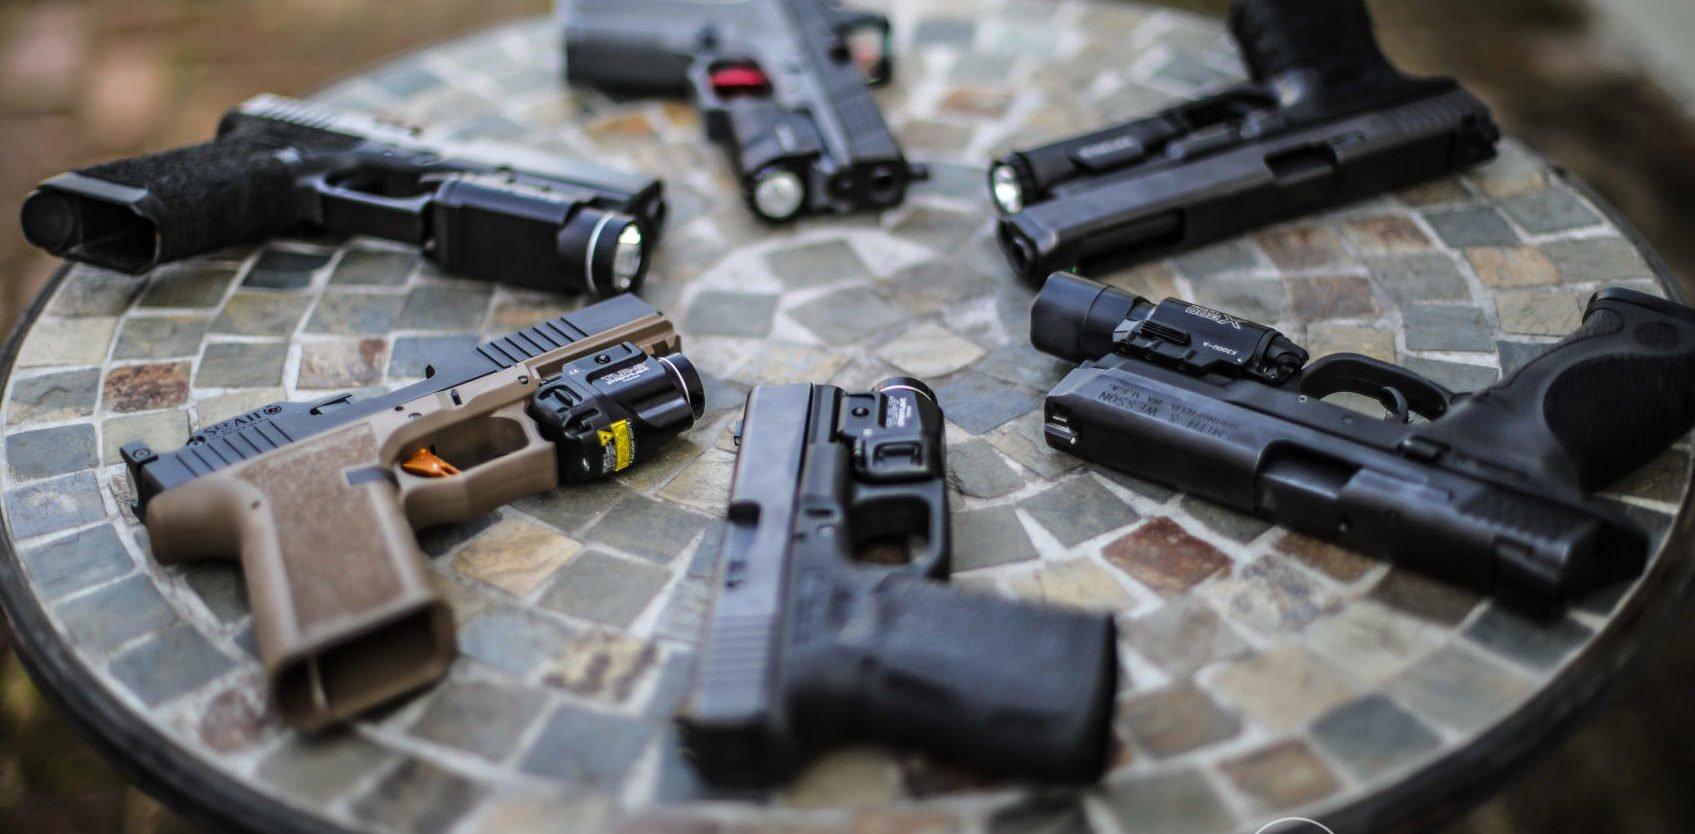 classification of firearms